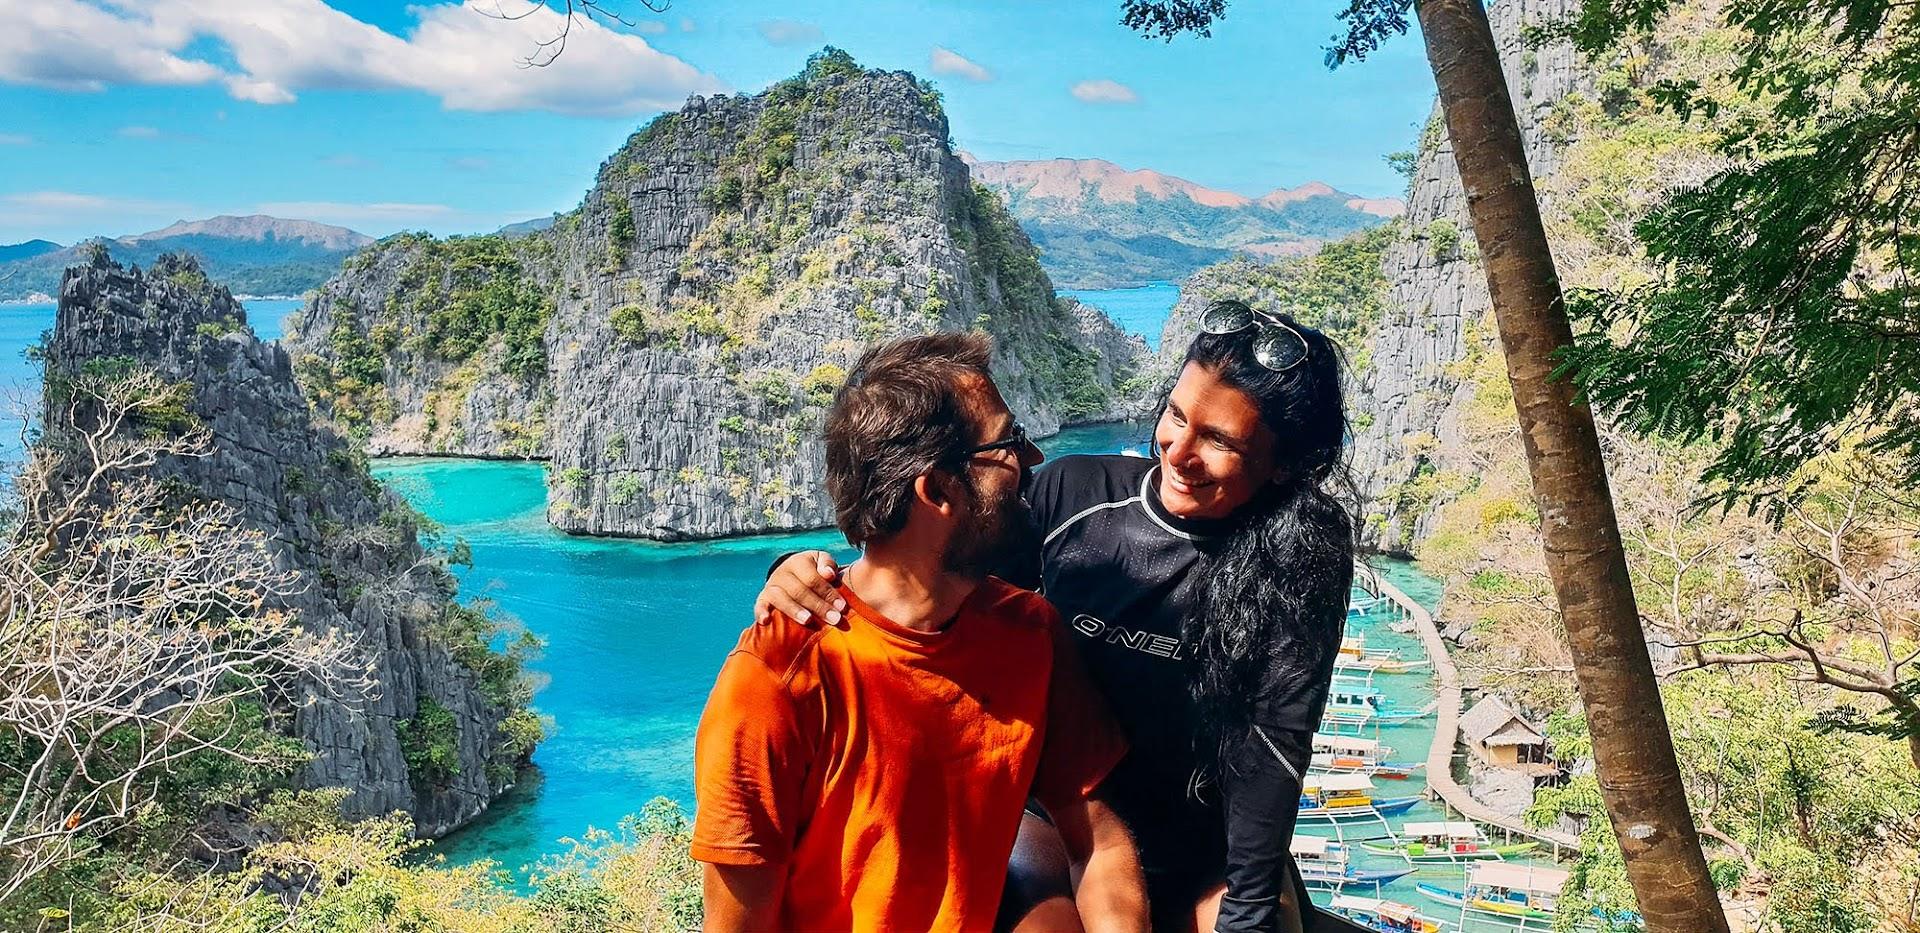 VISITAR CORON, o que ver e fazer na nova Meca do turismo nas Filipinas